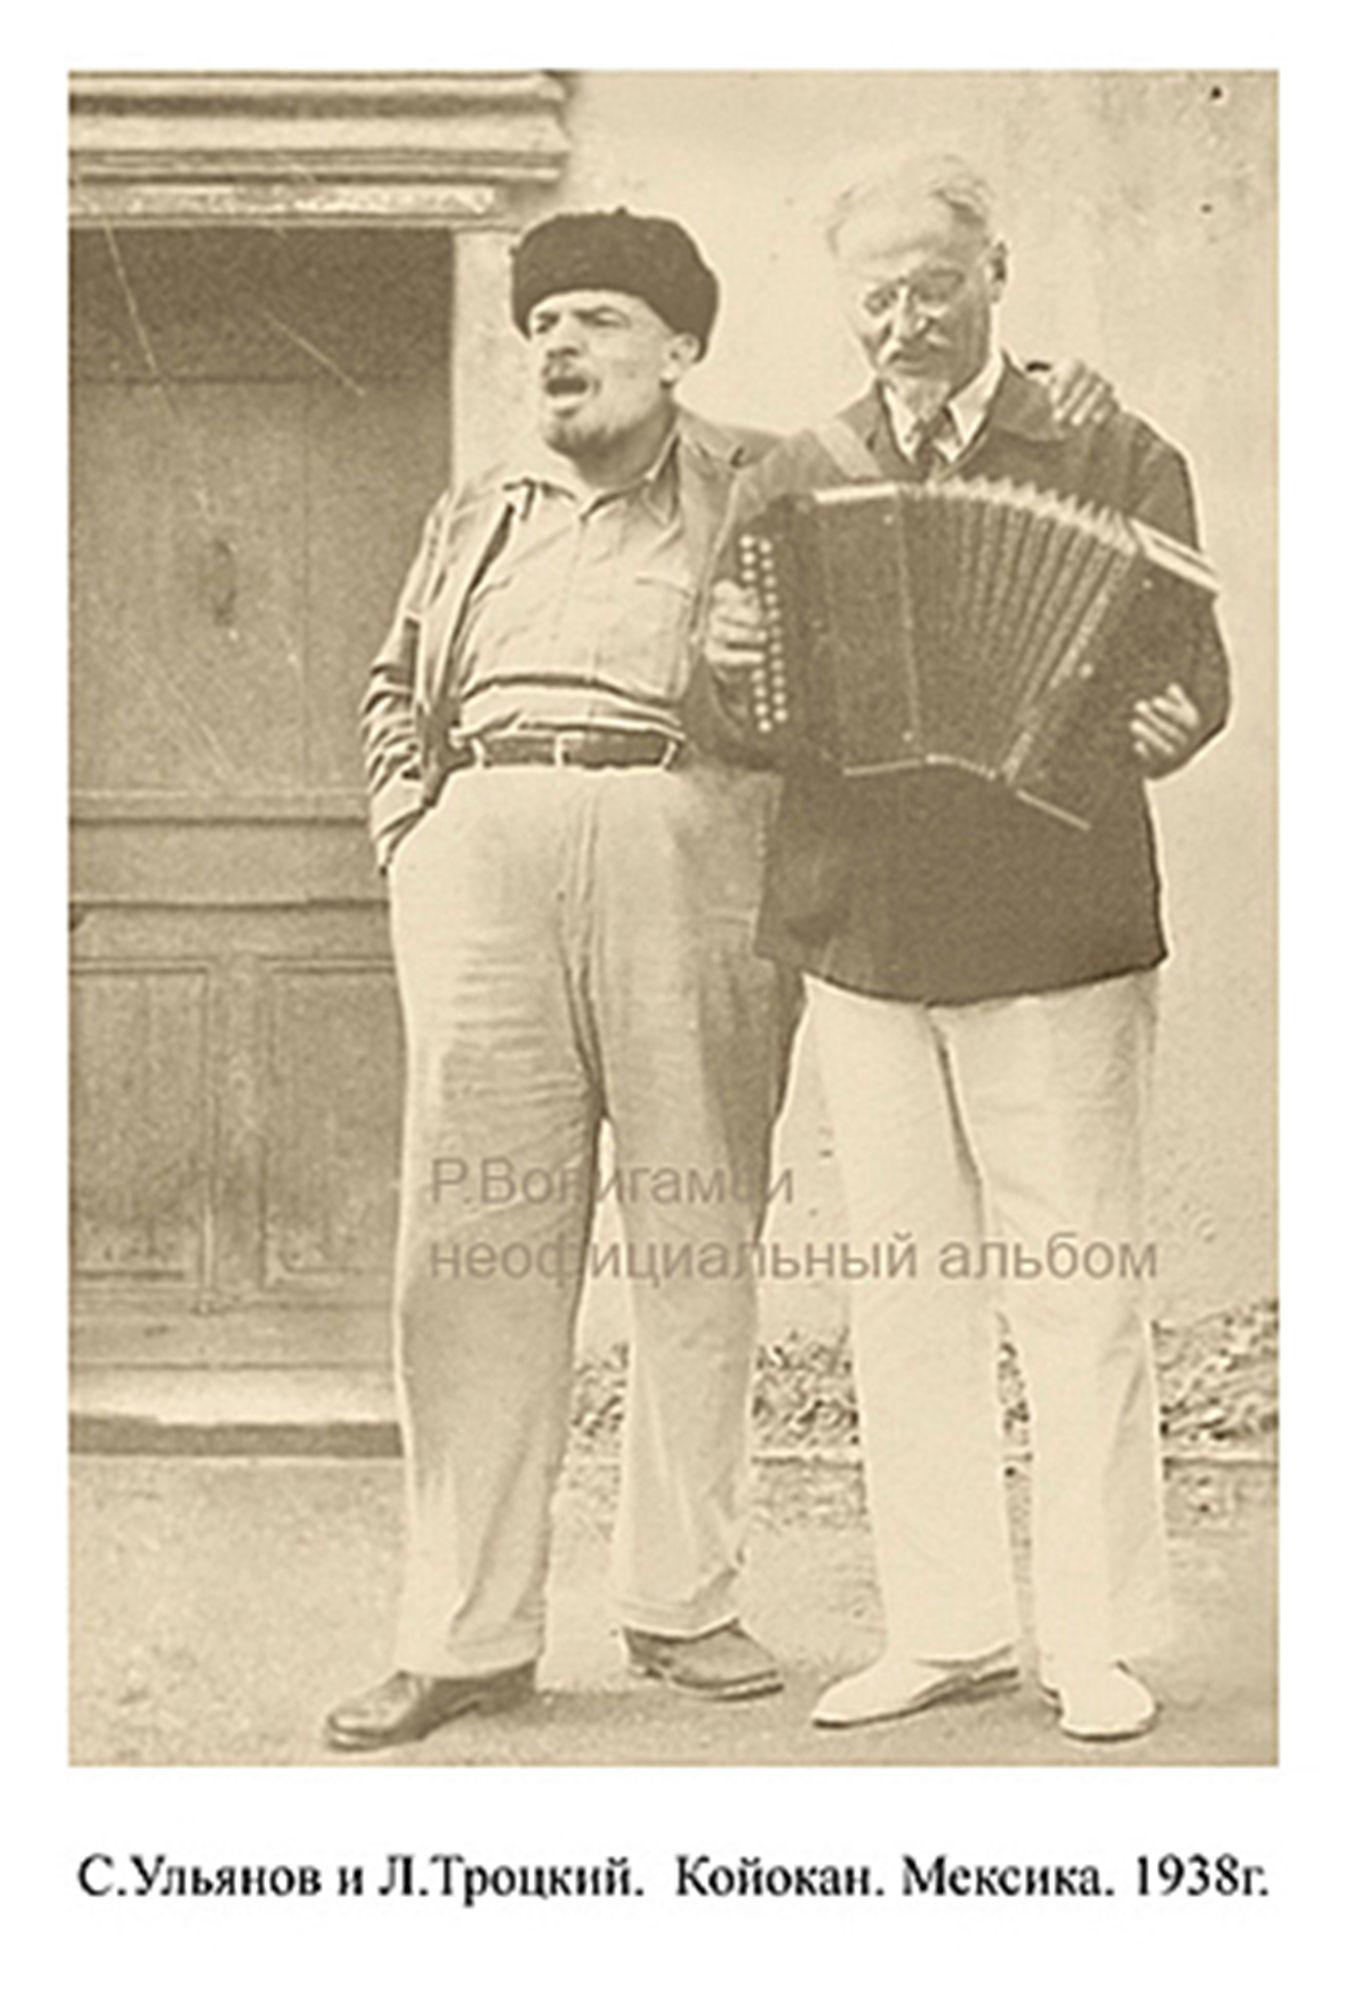 Ульянов и Троцкий